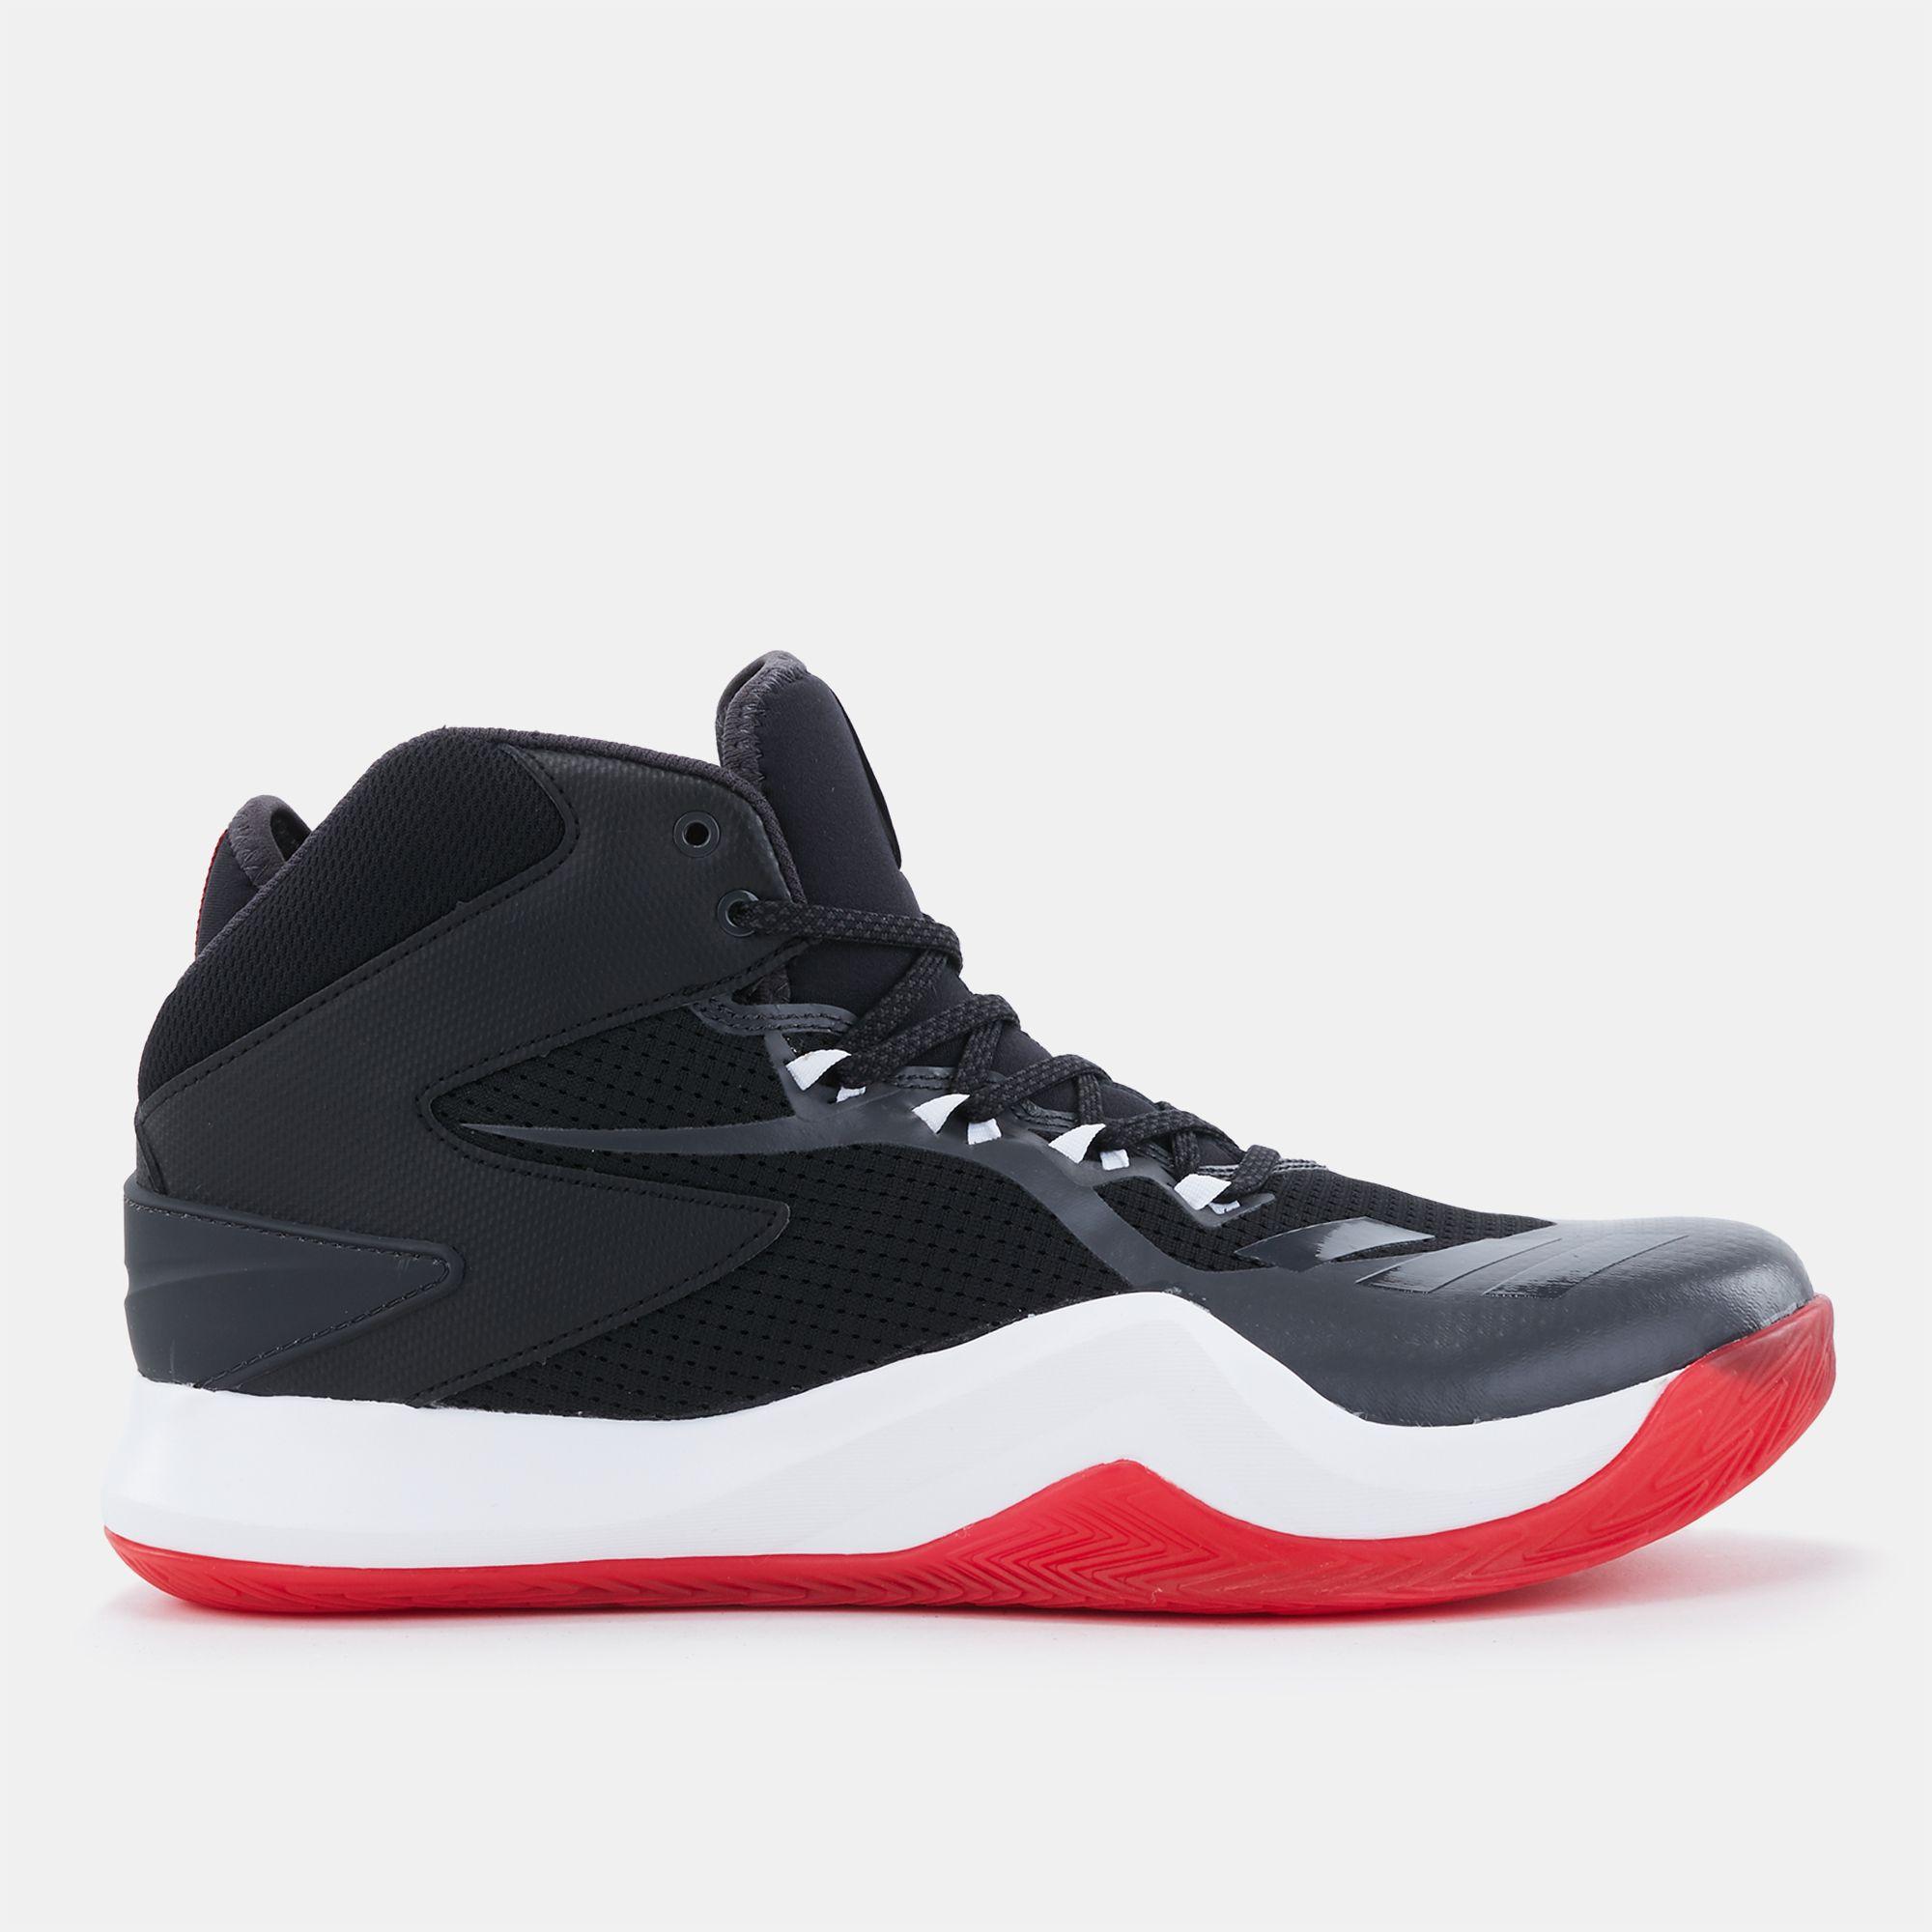 Adidas S Scarpe Rose Dominare 4 Scarpa Basket Le Scarpe S Per Gli Uomini 2e33d2